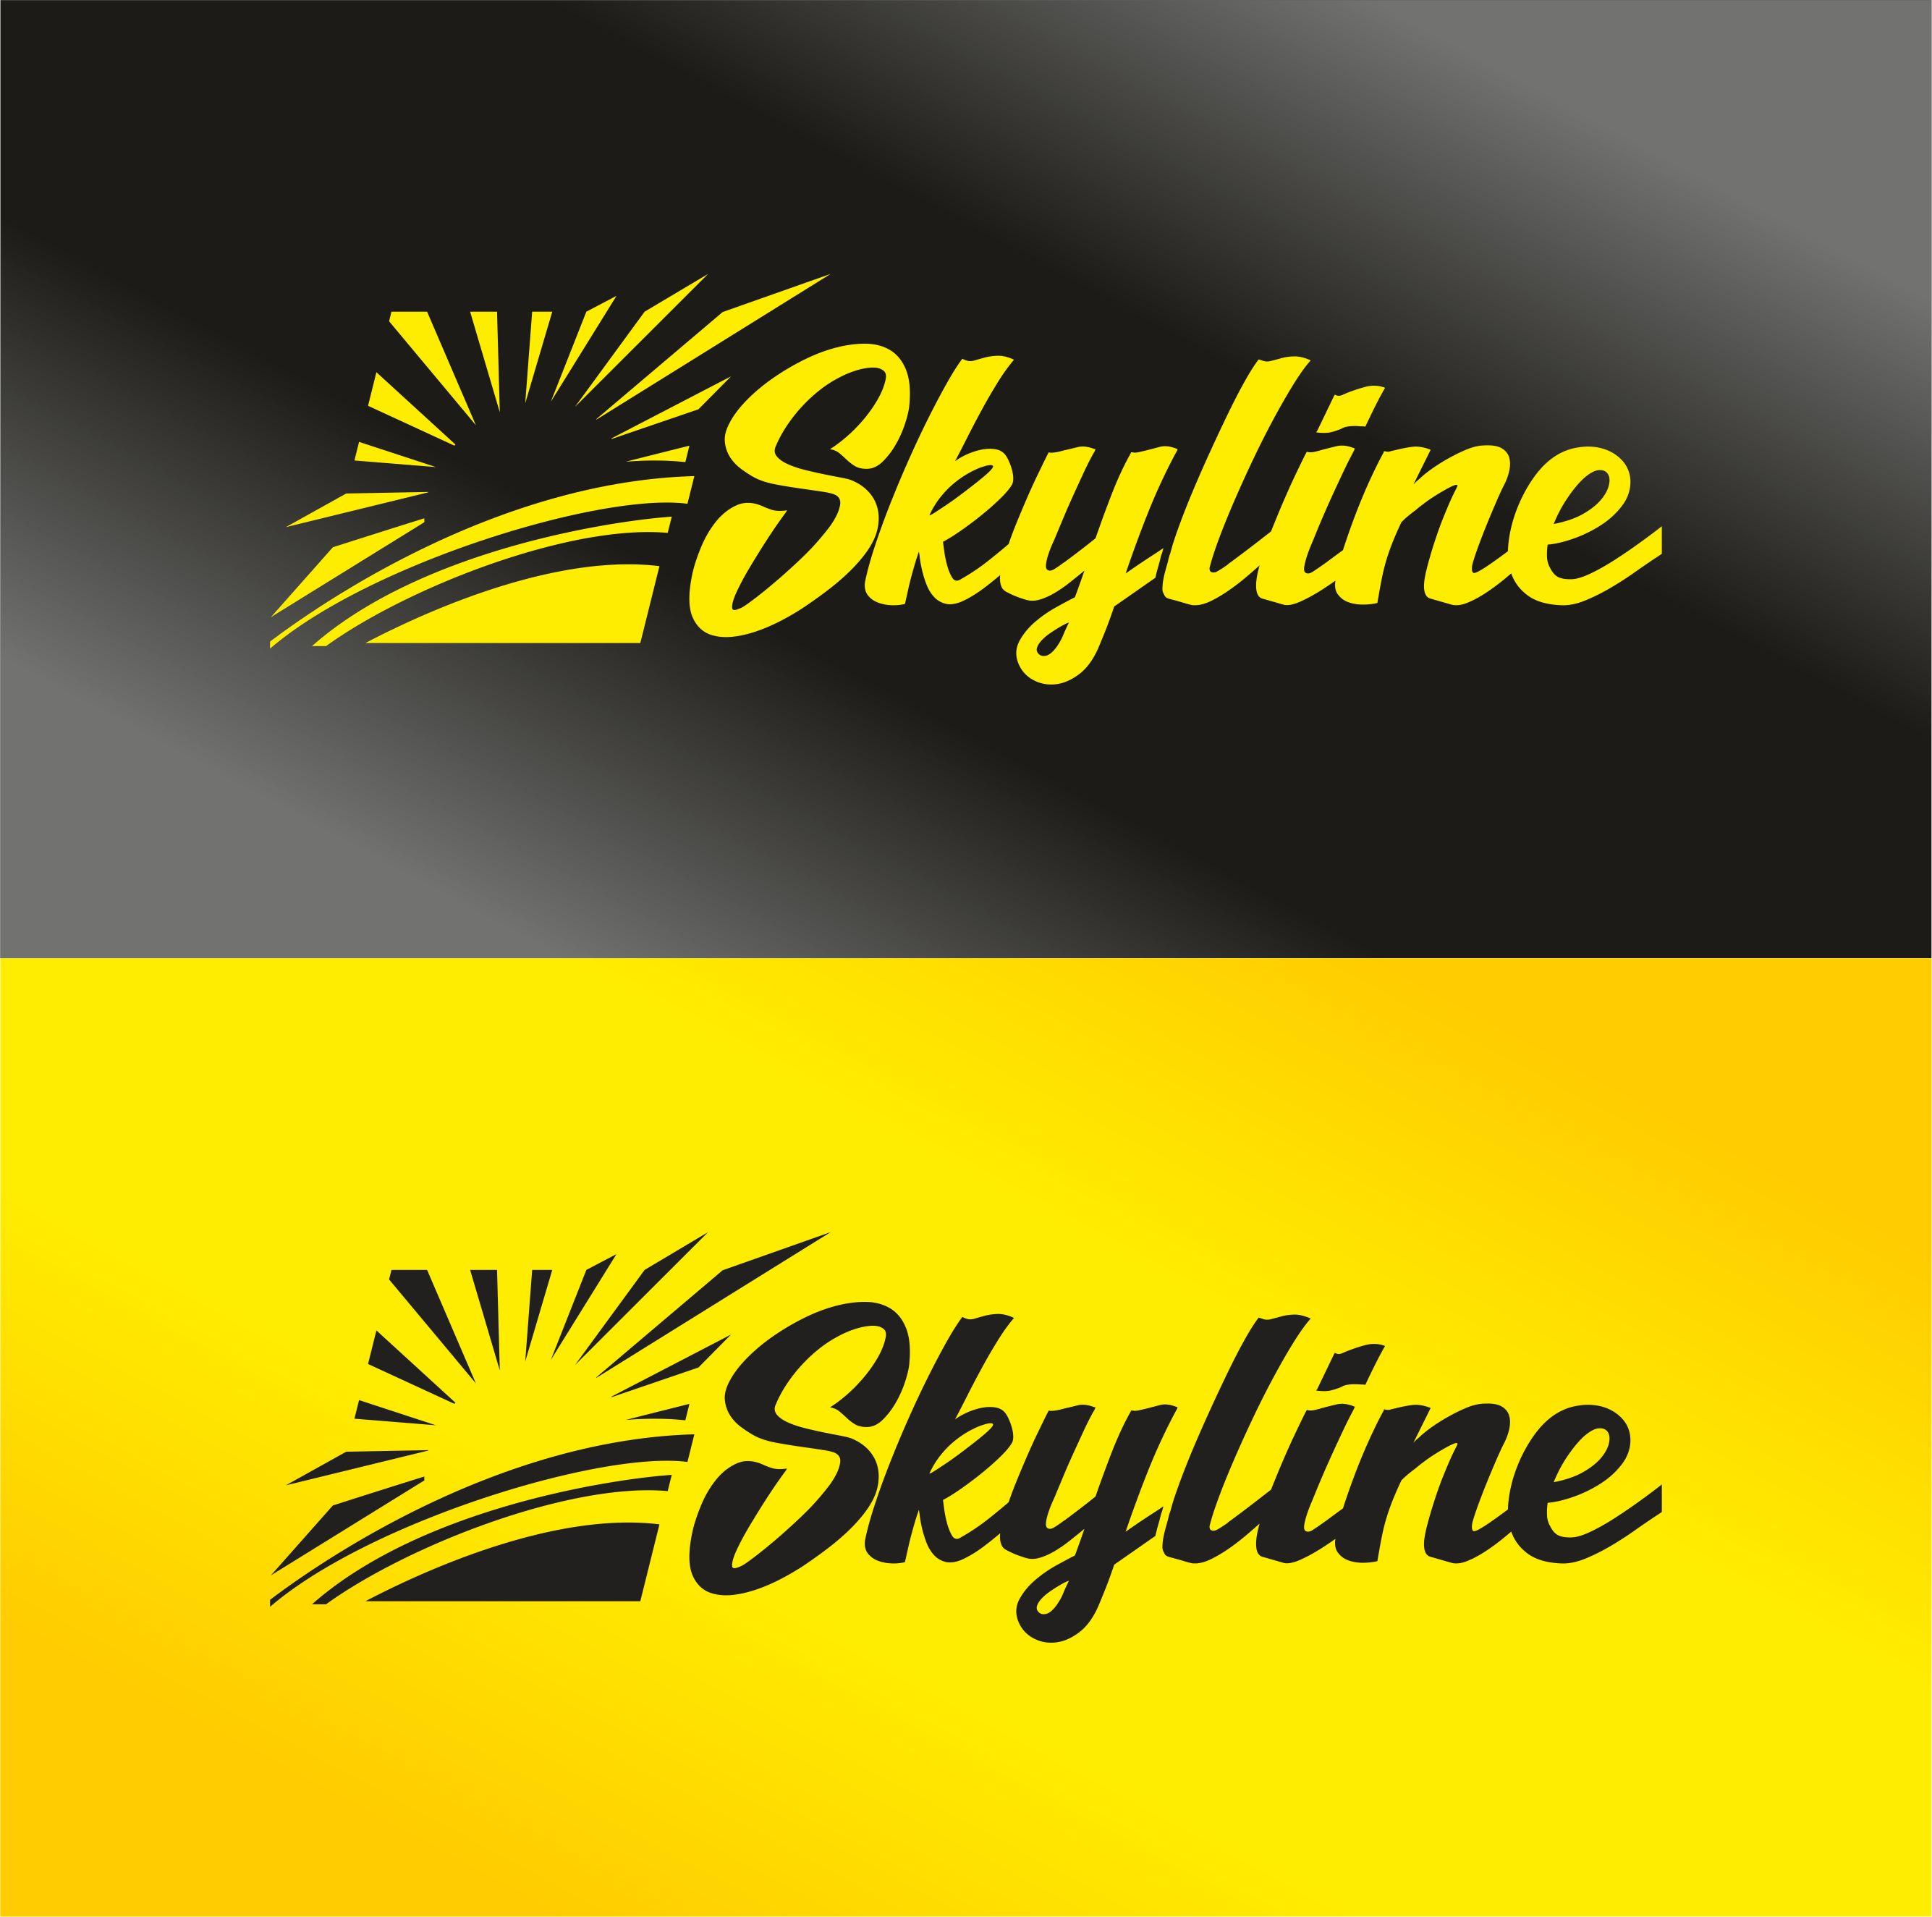 Разработка логотипа и наименования для чартерной компании  фото f_9795a85436bc4762.jpg